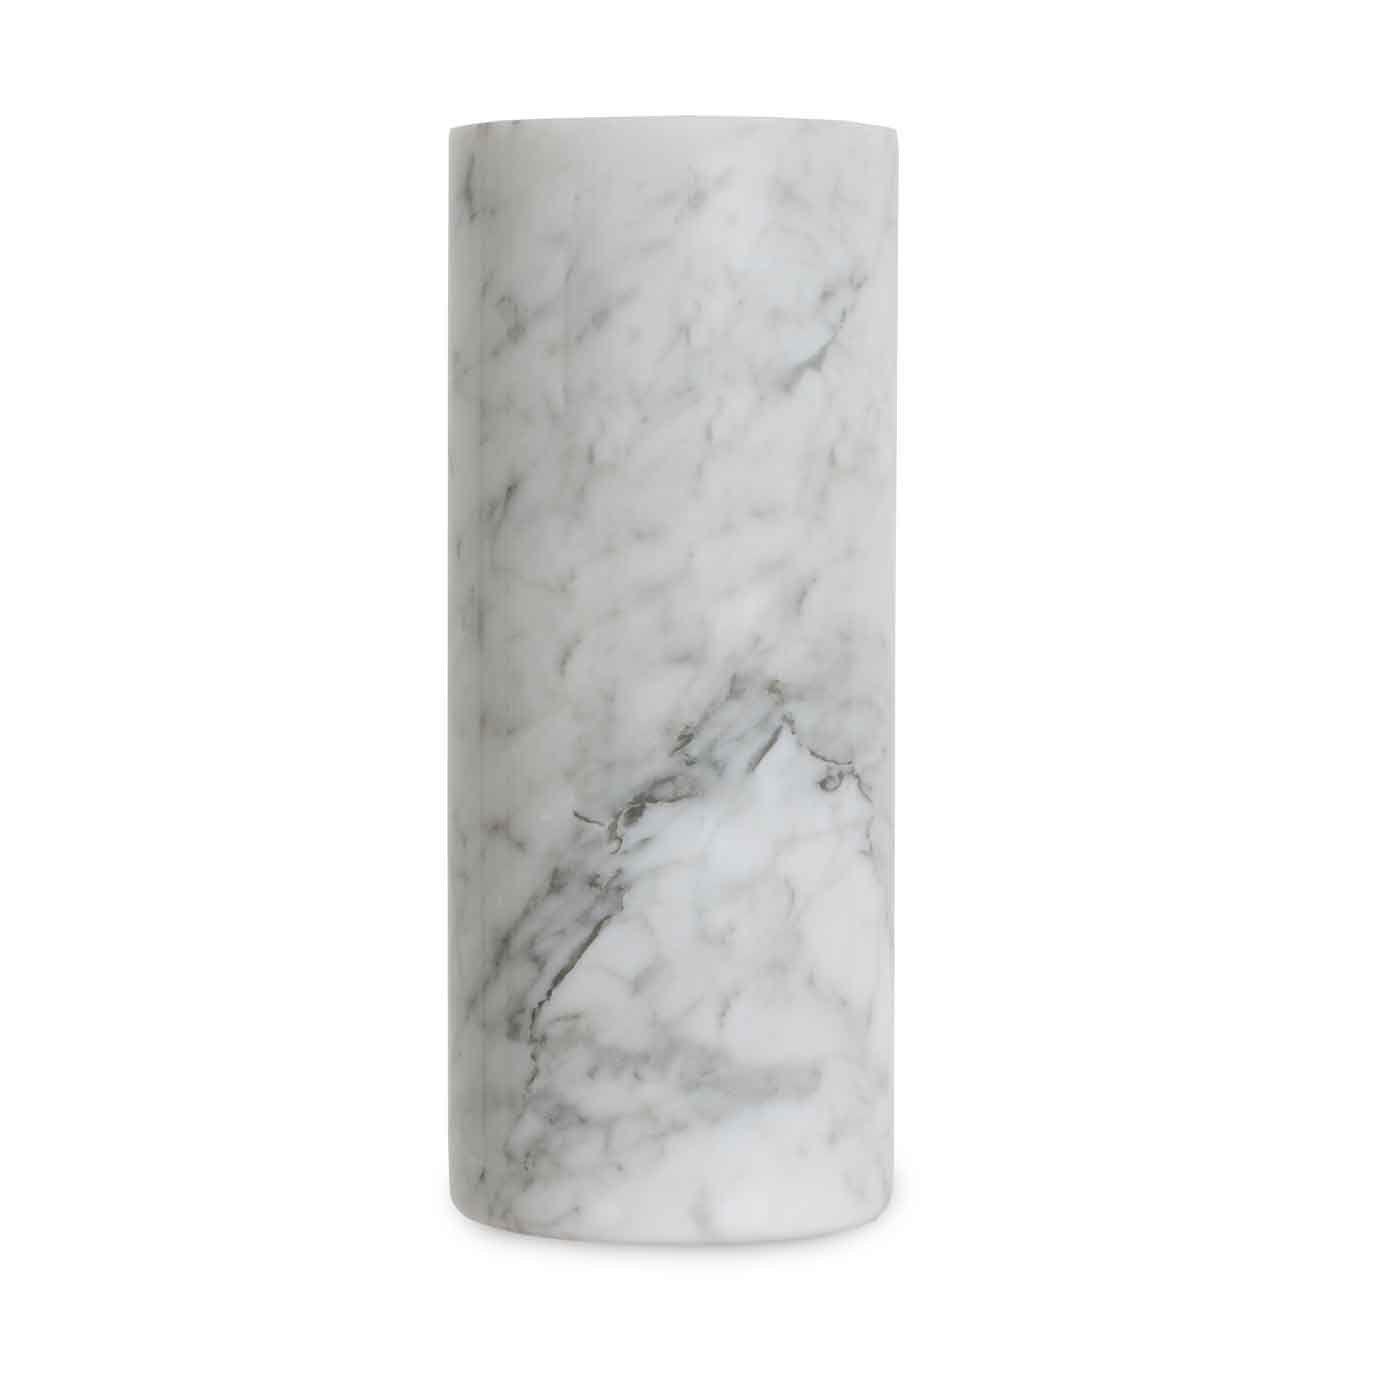 Cylindrical Vase White Carrara Marble